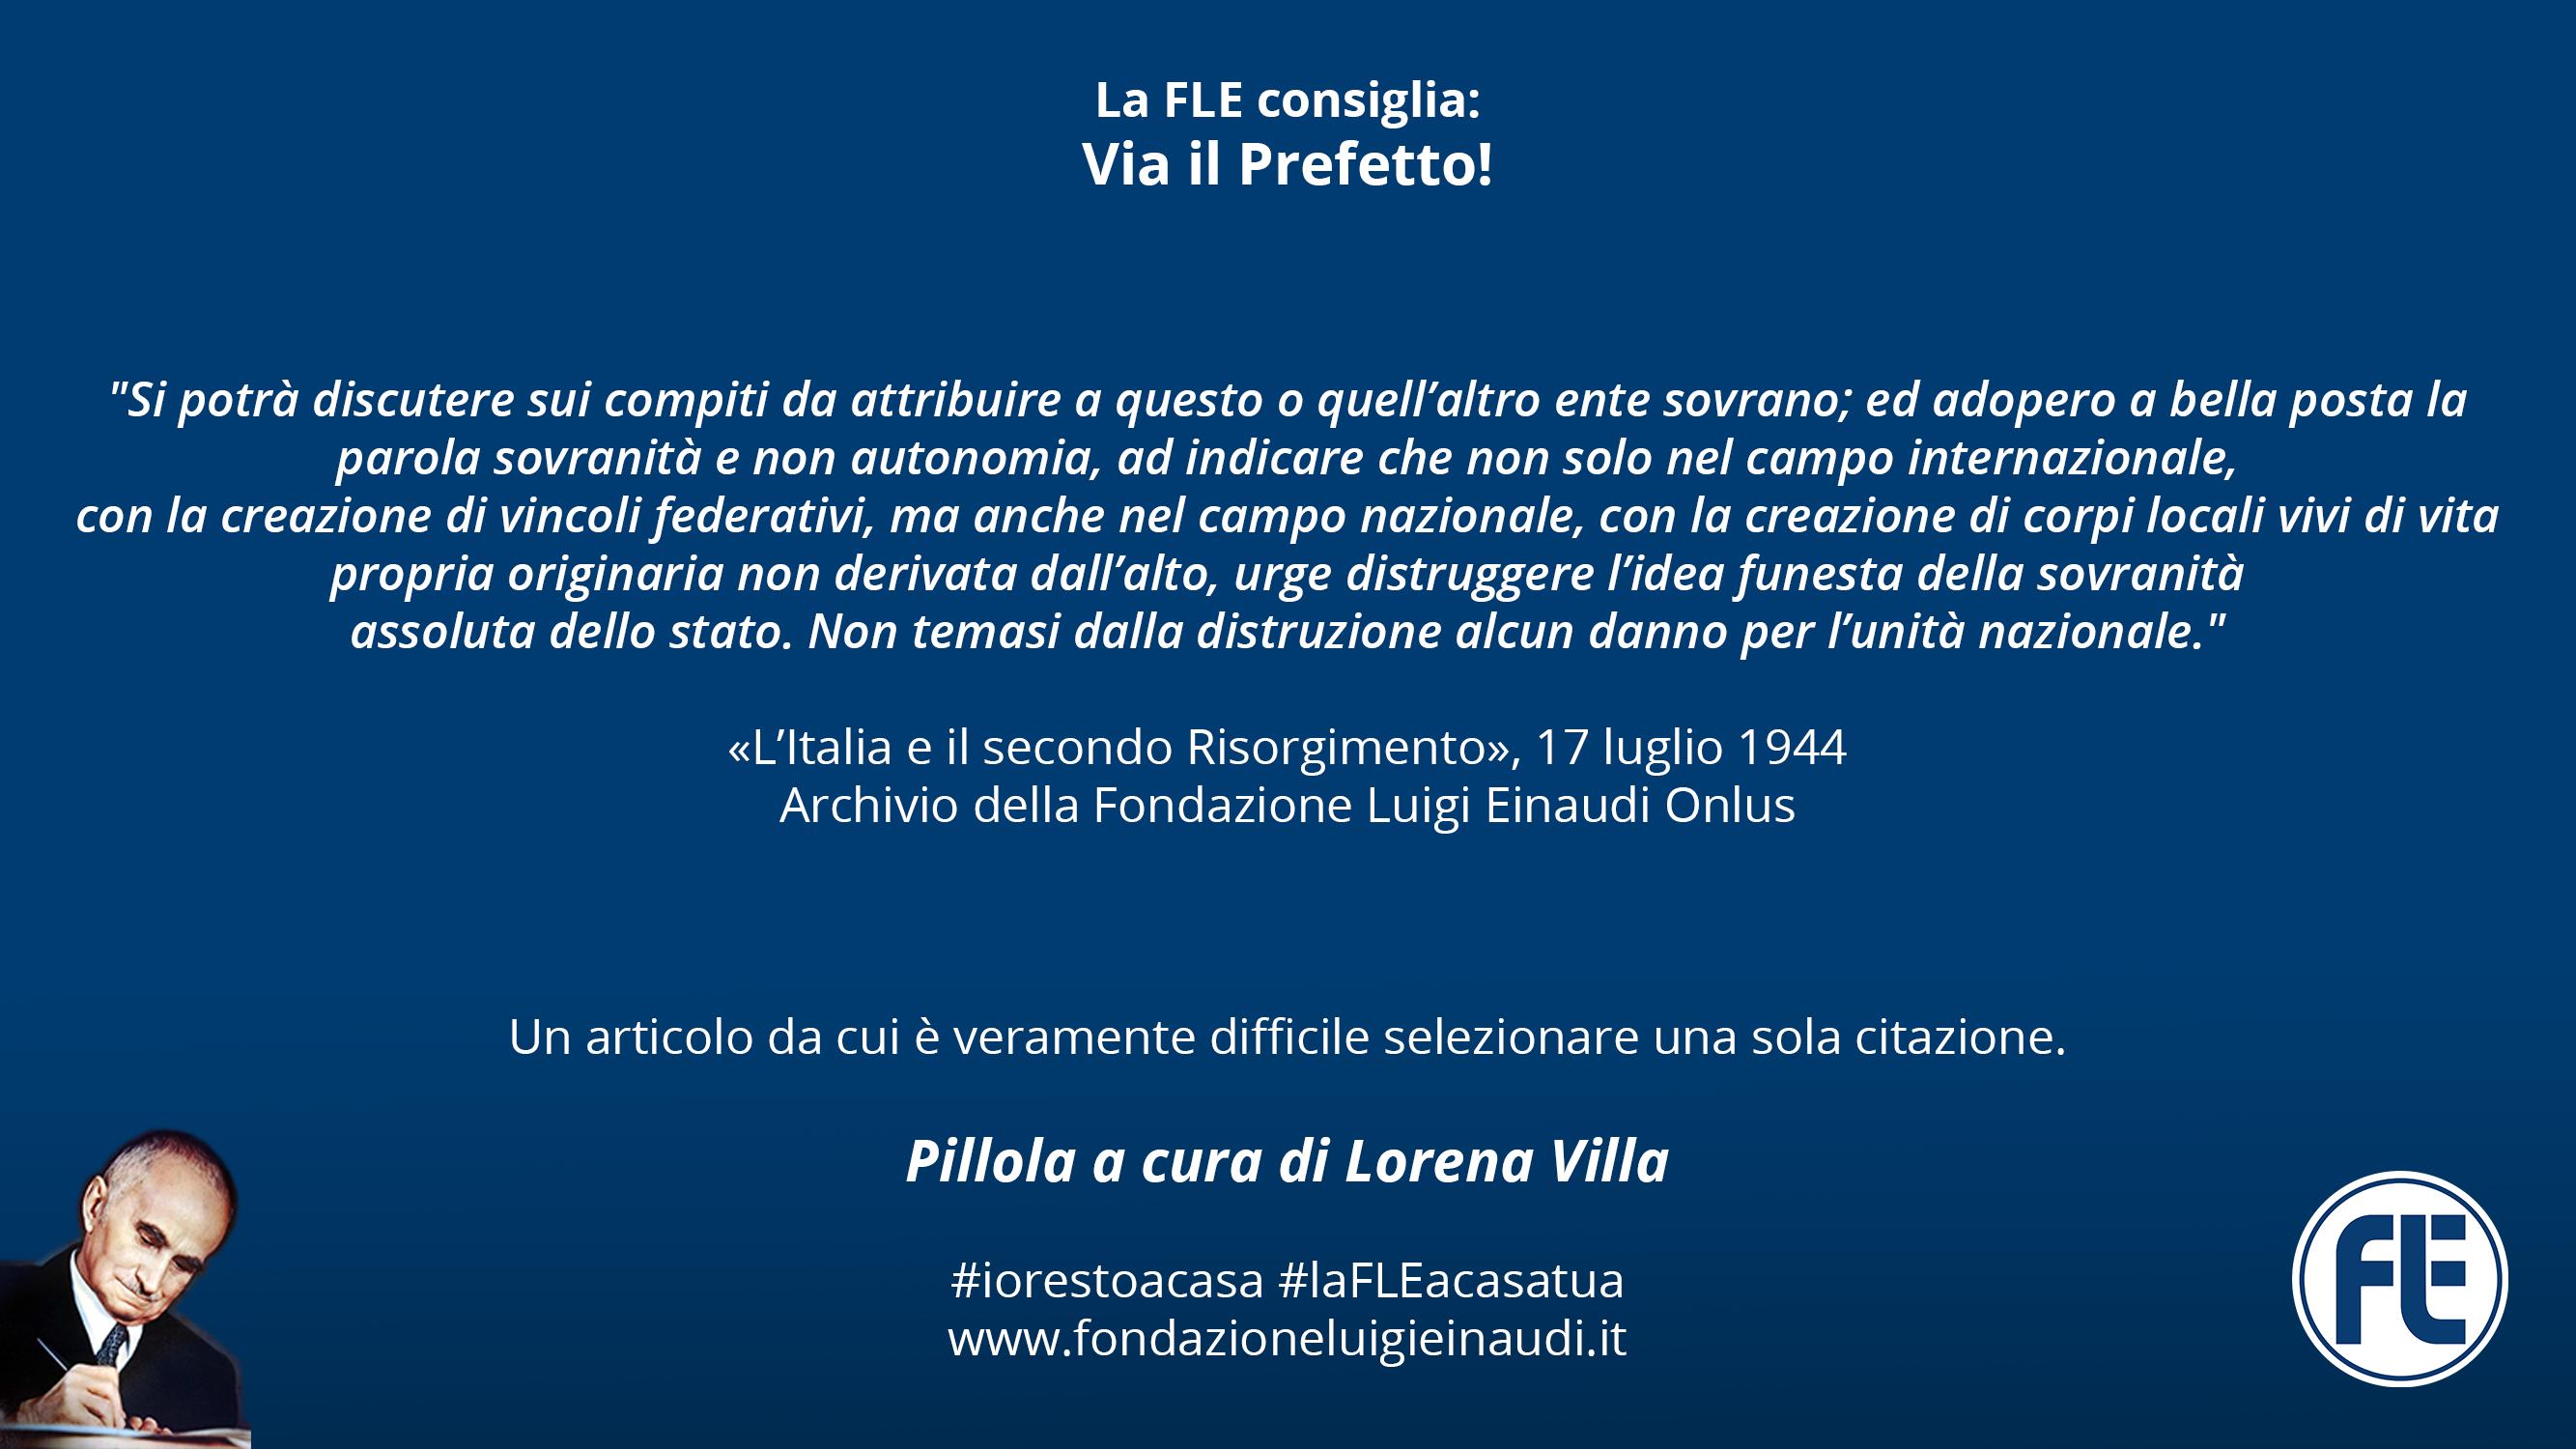 #laFLEacasatua – Pillola #10, Via il Prefetto!